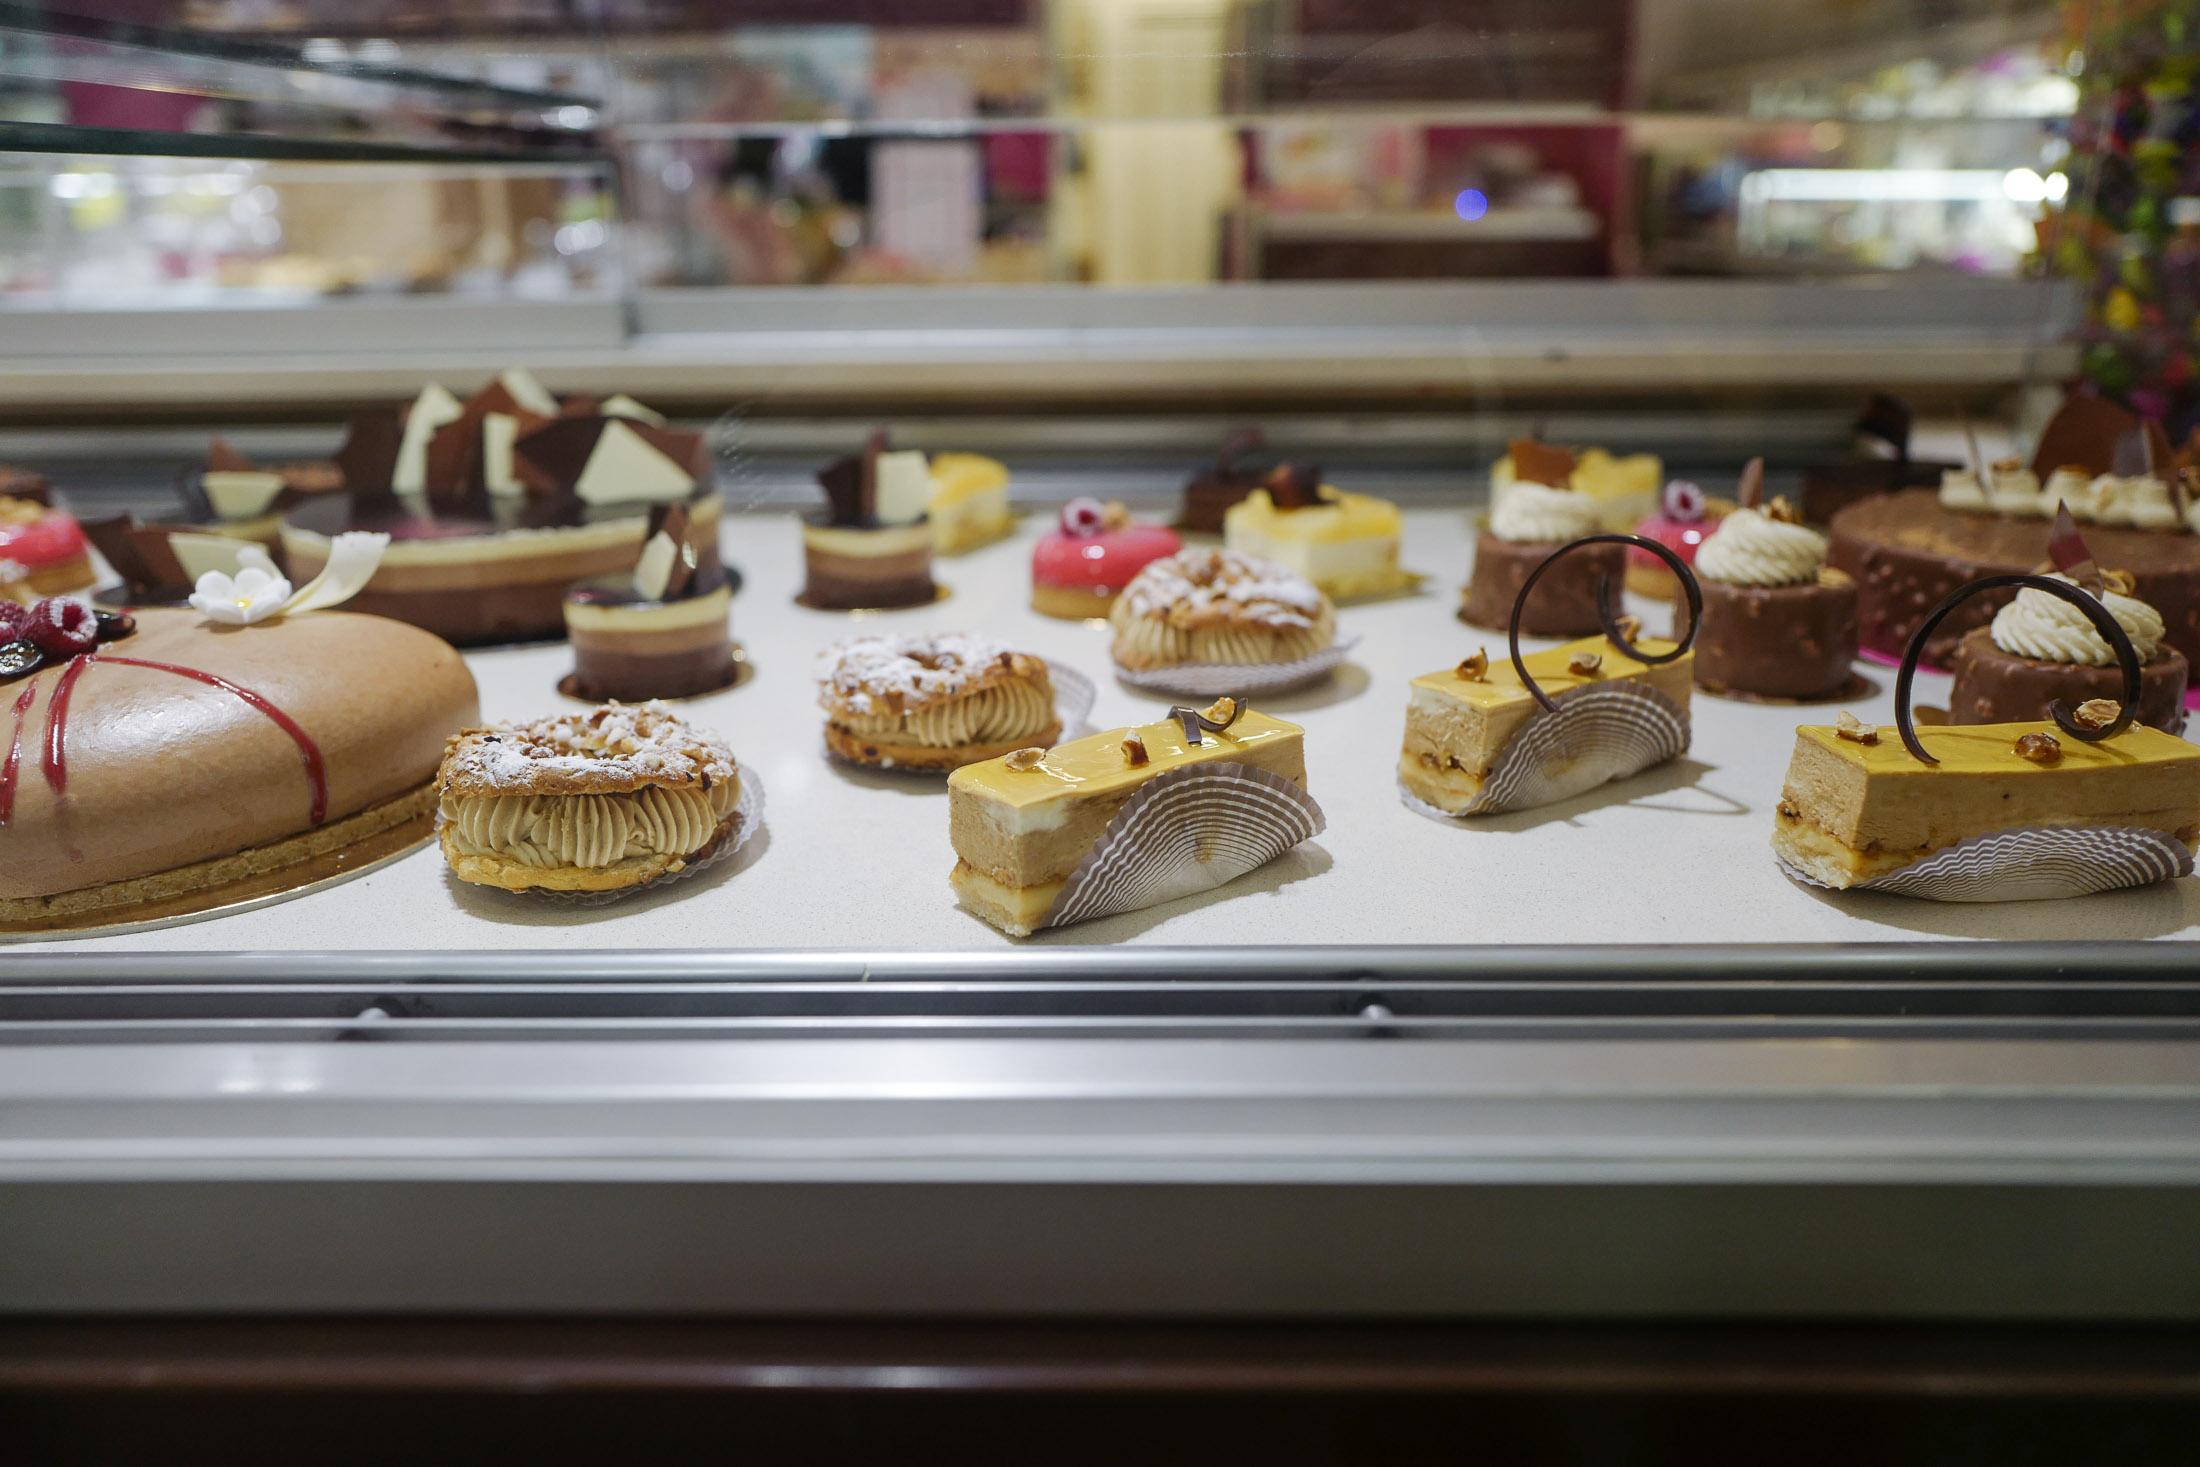 St Tropez - pastries in Prague